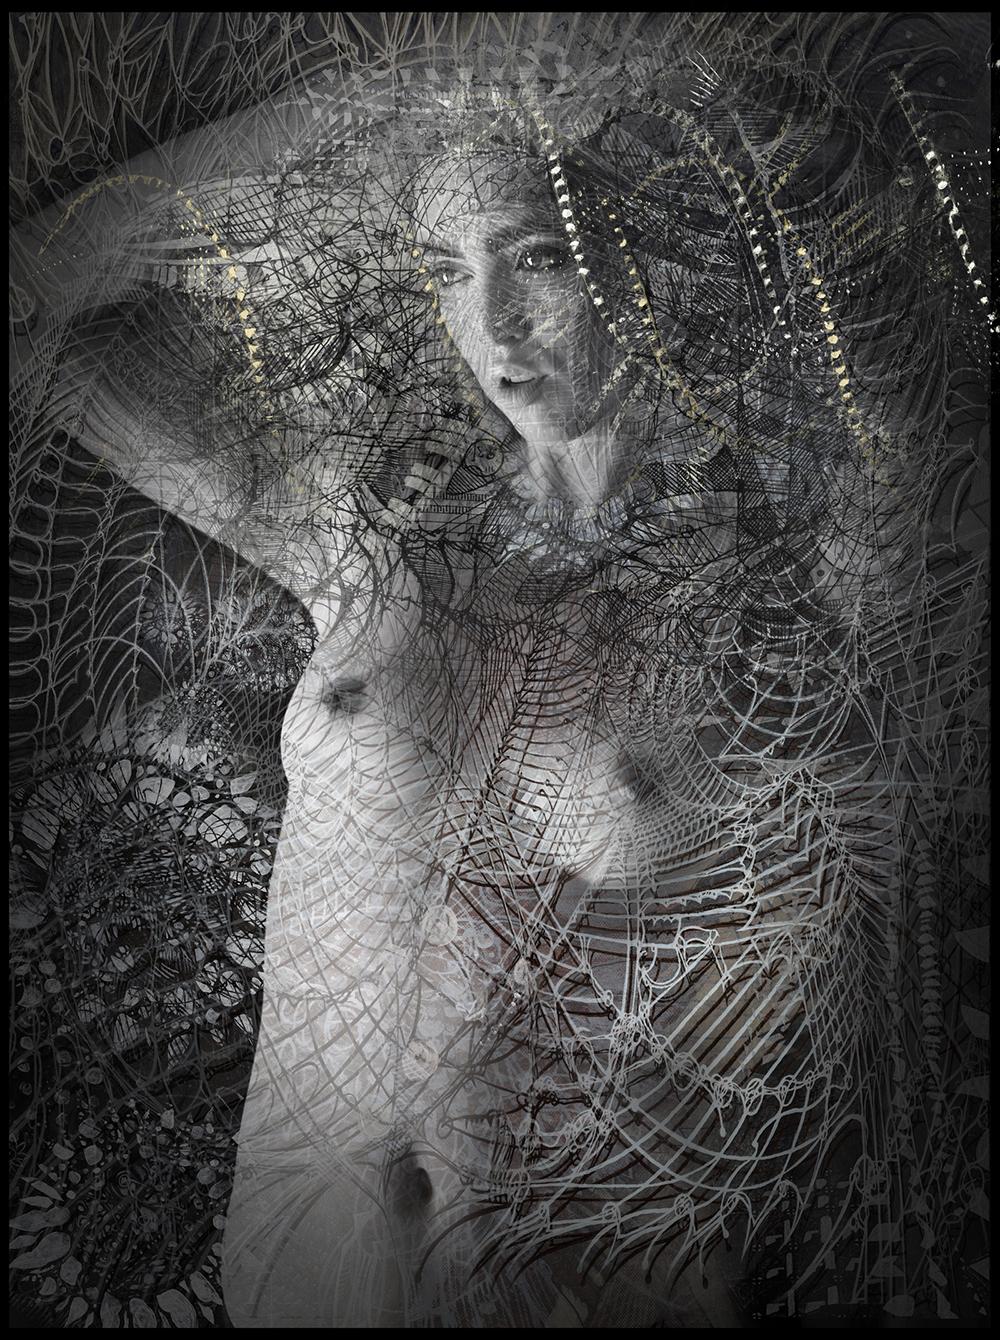 nikki nude3 again web.jpg